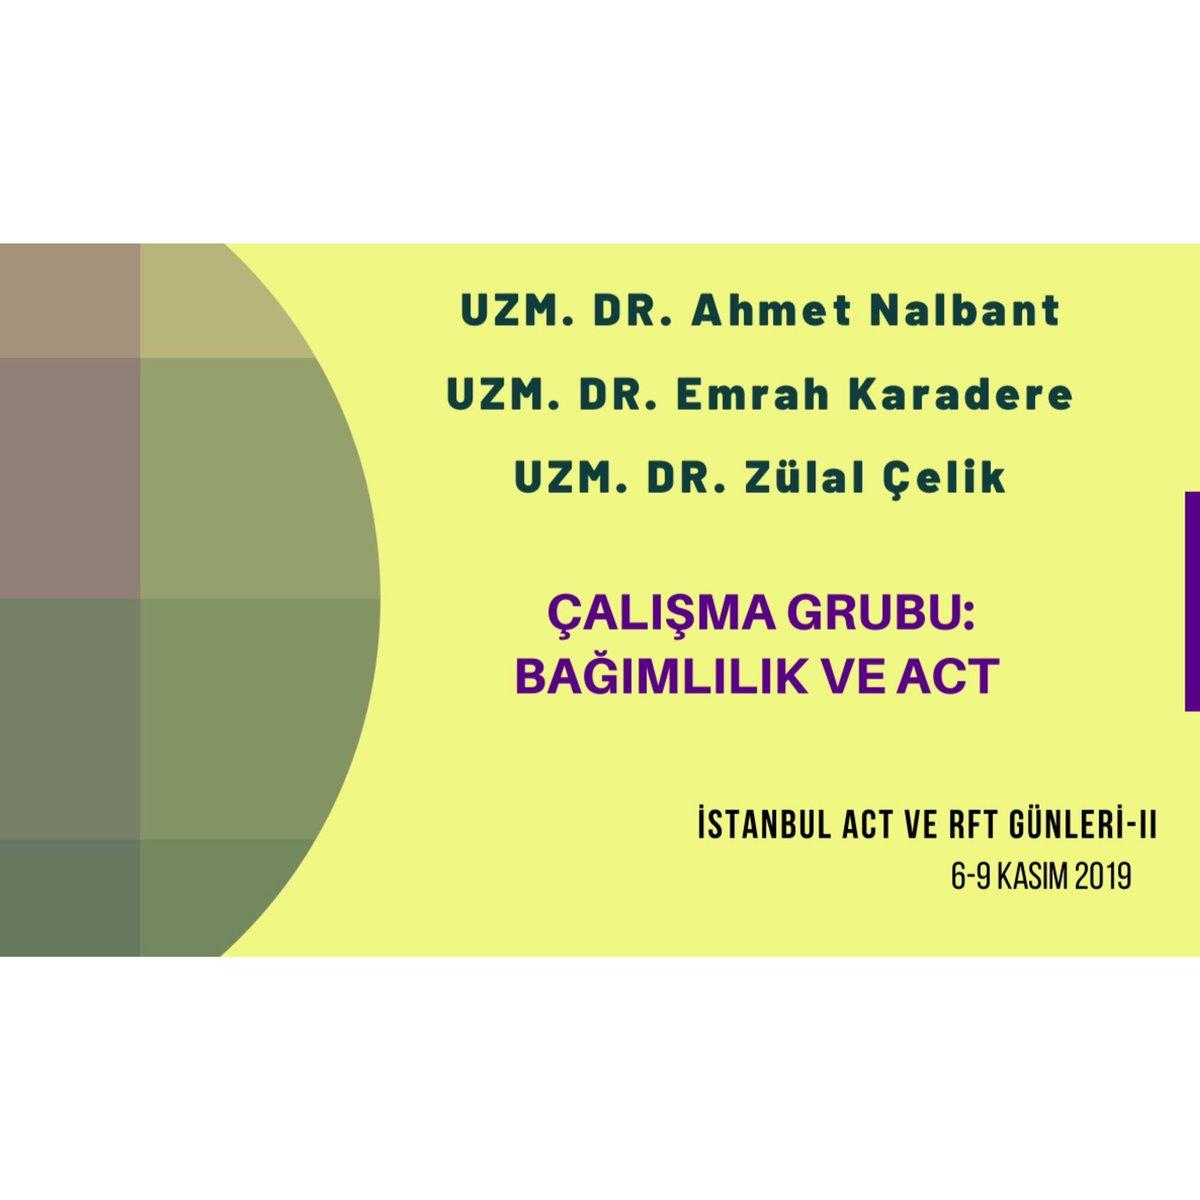 """Uzm.Dr. Ahmet Nalbant, Uzm. Dr. Emrah Karadere ve Uzm. Dr.Zülal Çelik """"Bağımlılık ve Act"""" çalışma grubuyla ACT ve RFT Günleri-II'de!Hepinizi bekliyoruz💥 Ayrıntılı bilgi için:http://www.actgunleri2019.org #act #rft #bağımlılık #kabulvekararlılıkterapisi #acceptanceandcommitmenttherapy"""